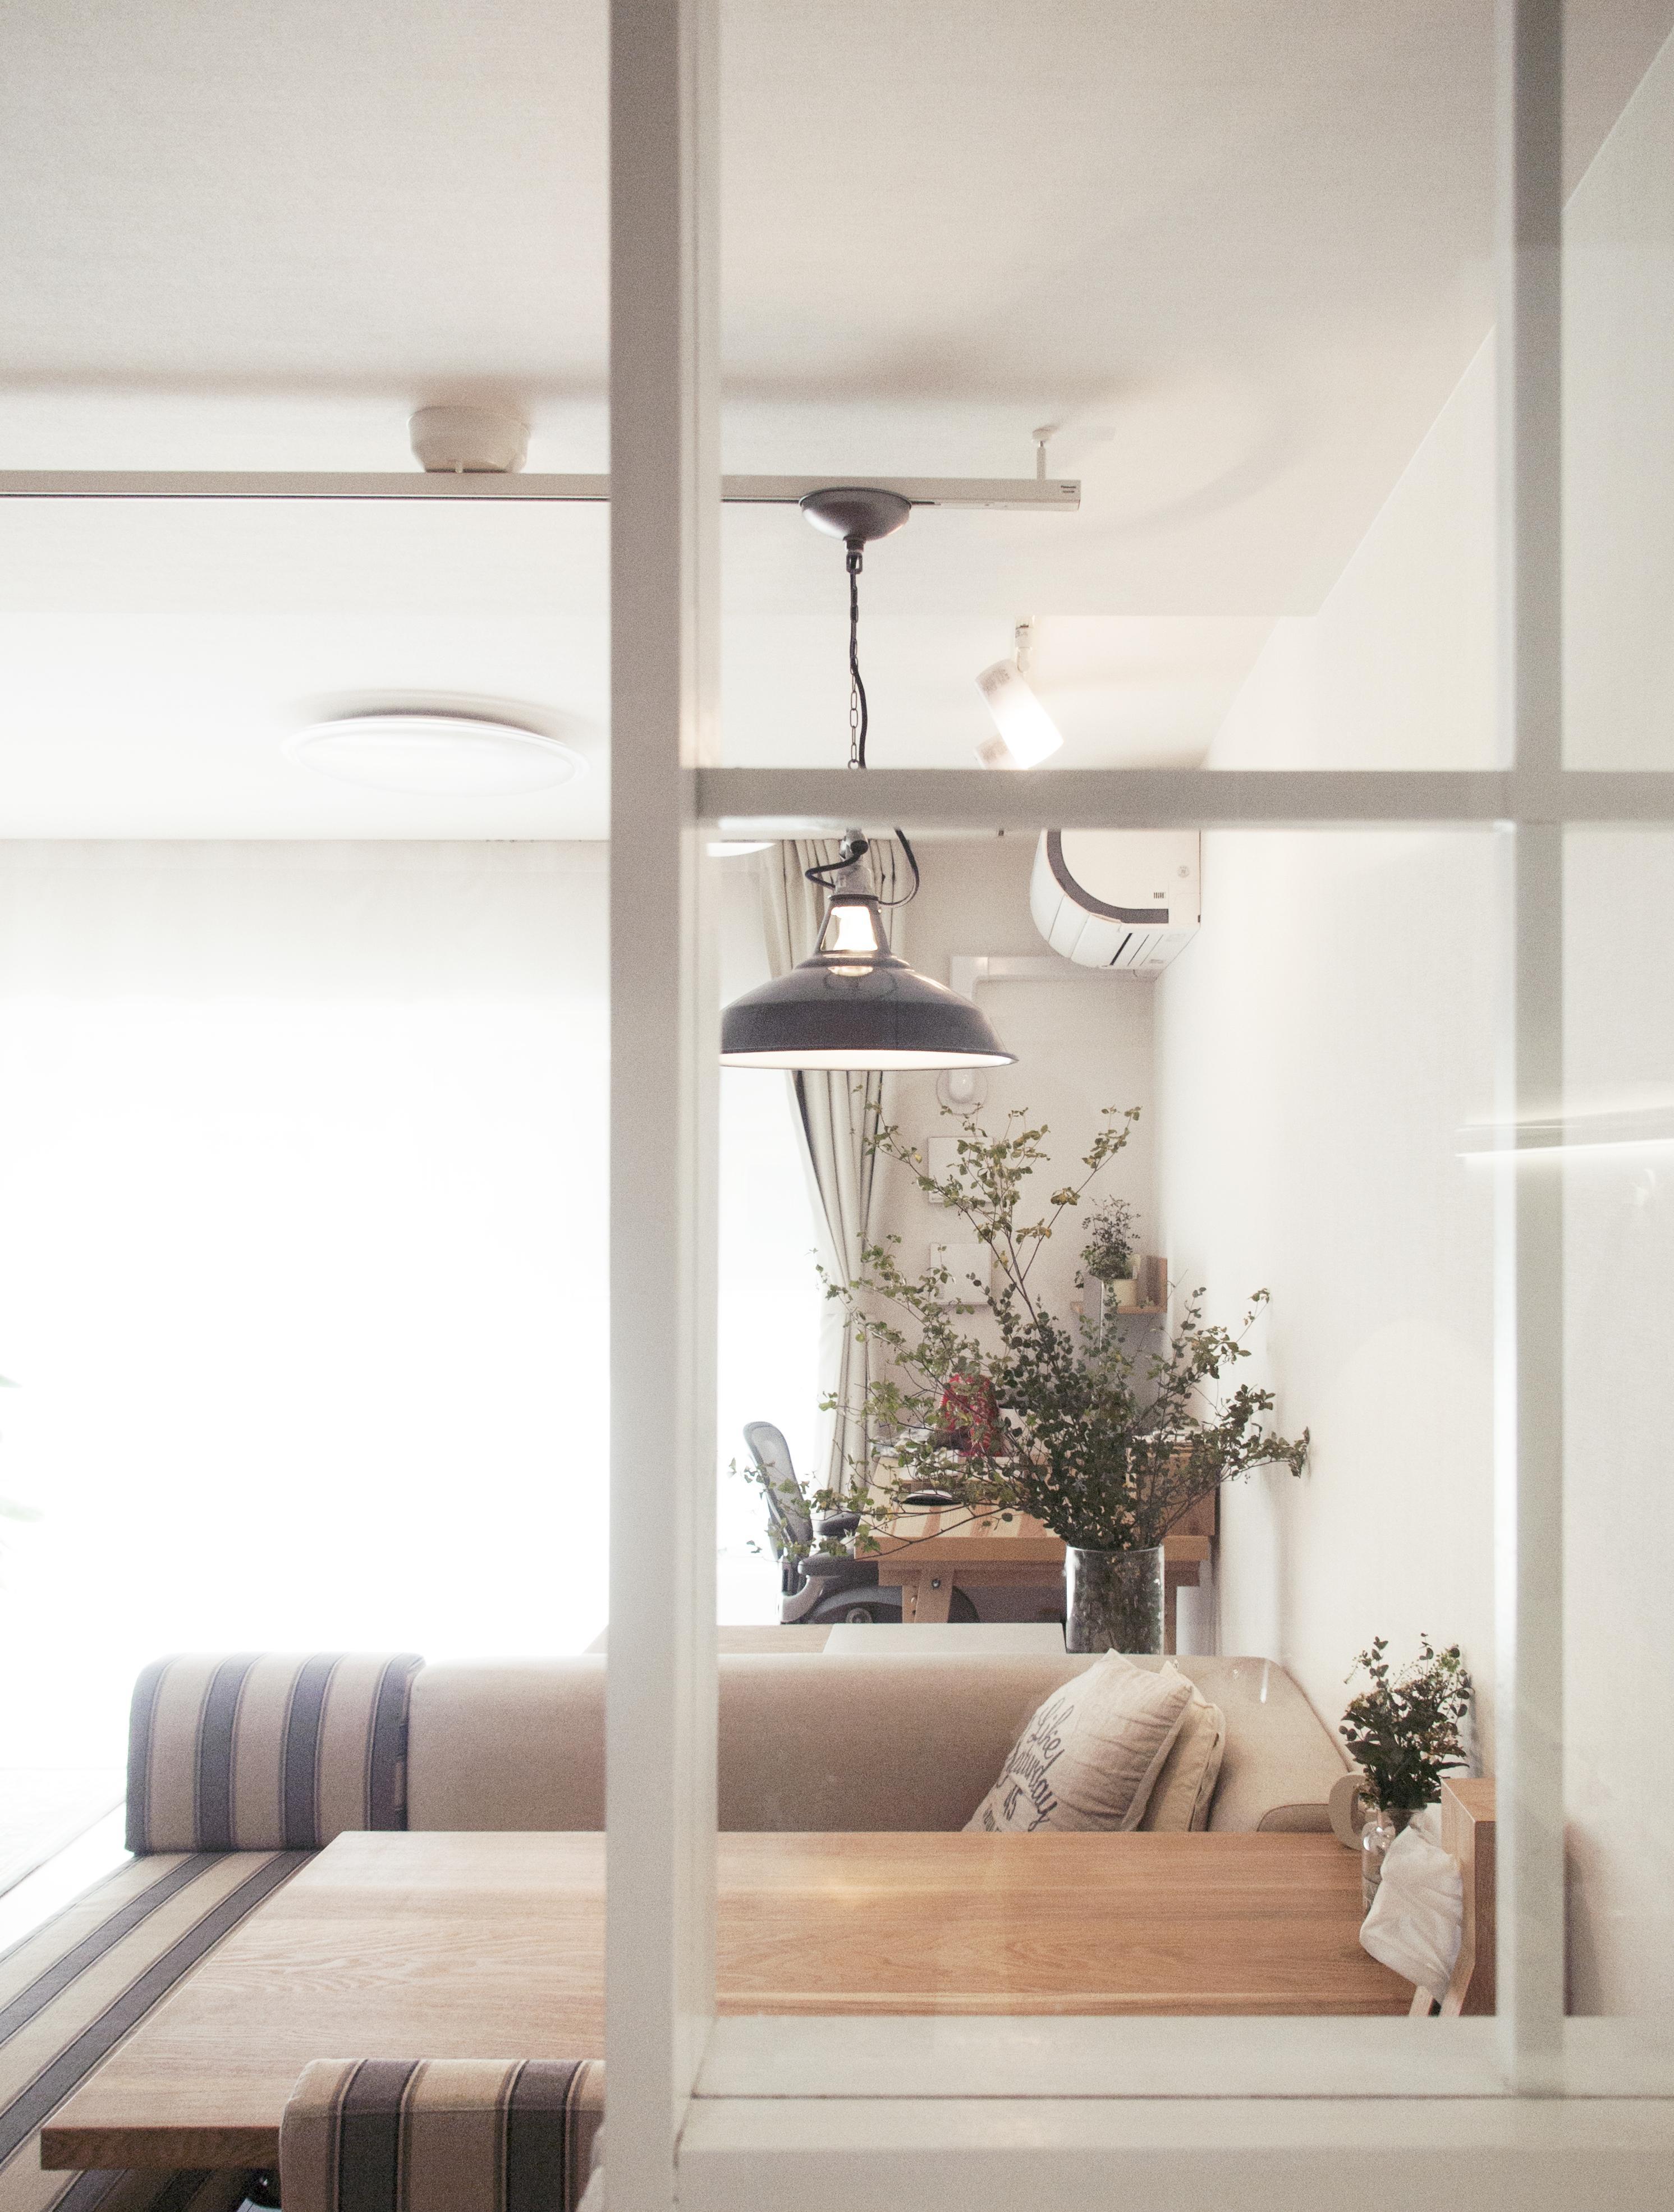 建築家とつくりあげた理想のリノベーション空間の部屋 光が差し込むキッチン横のガラス窓